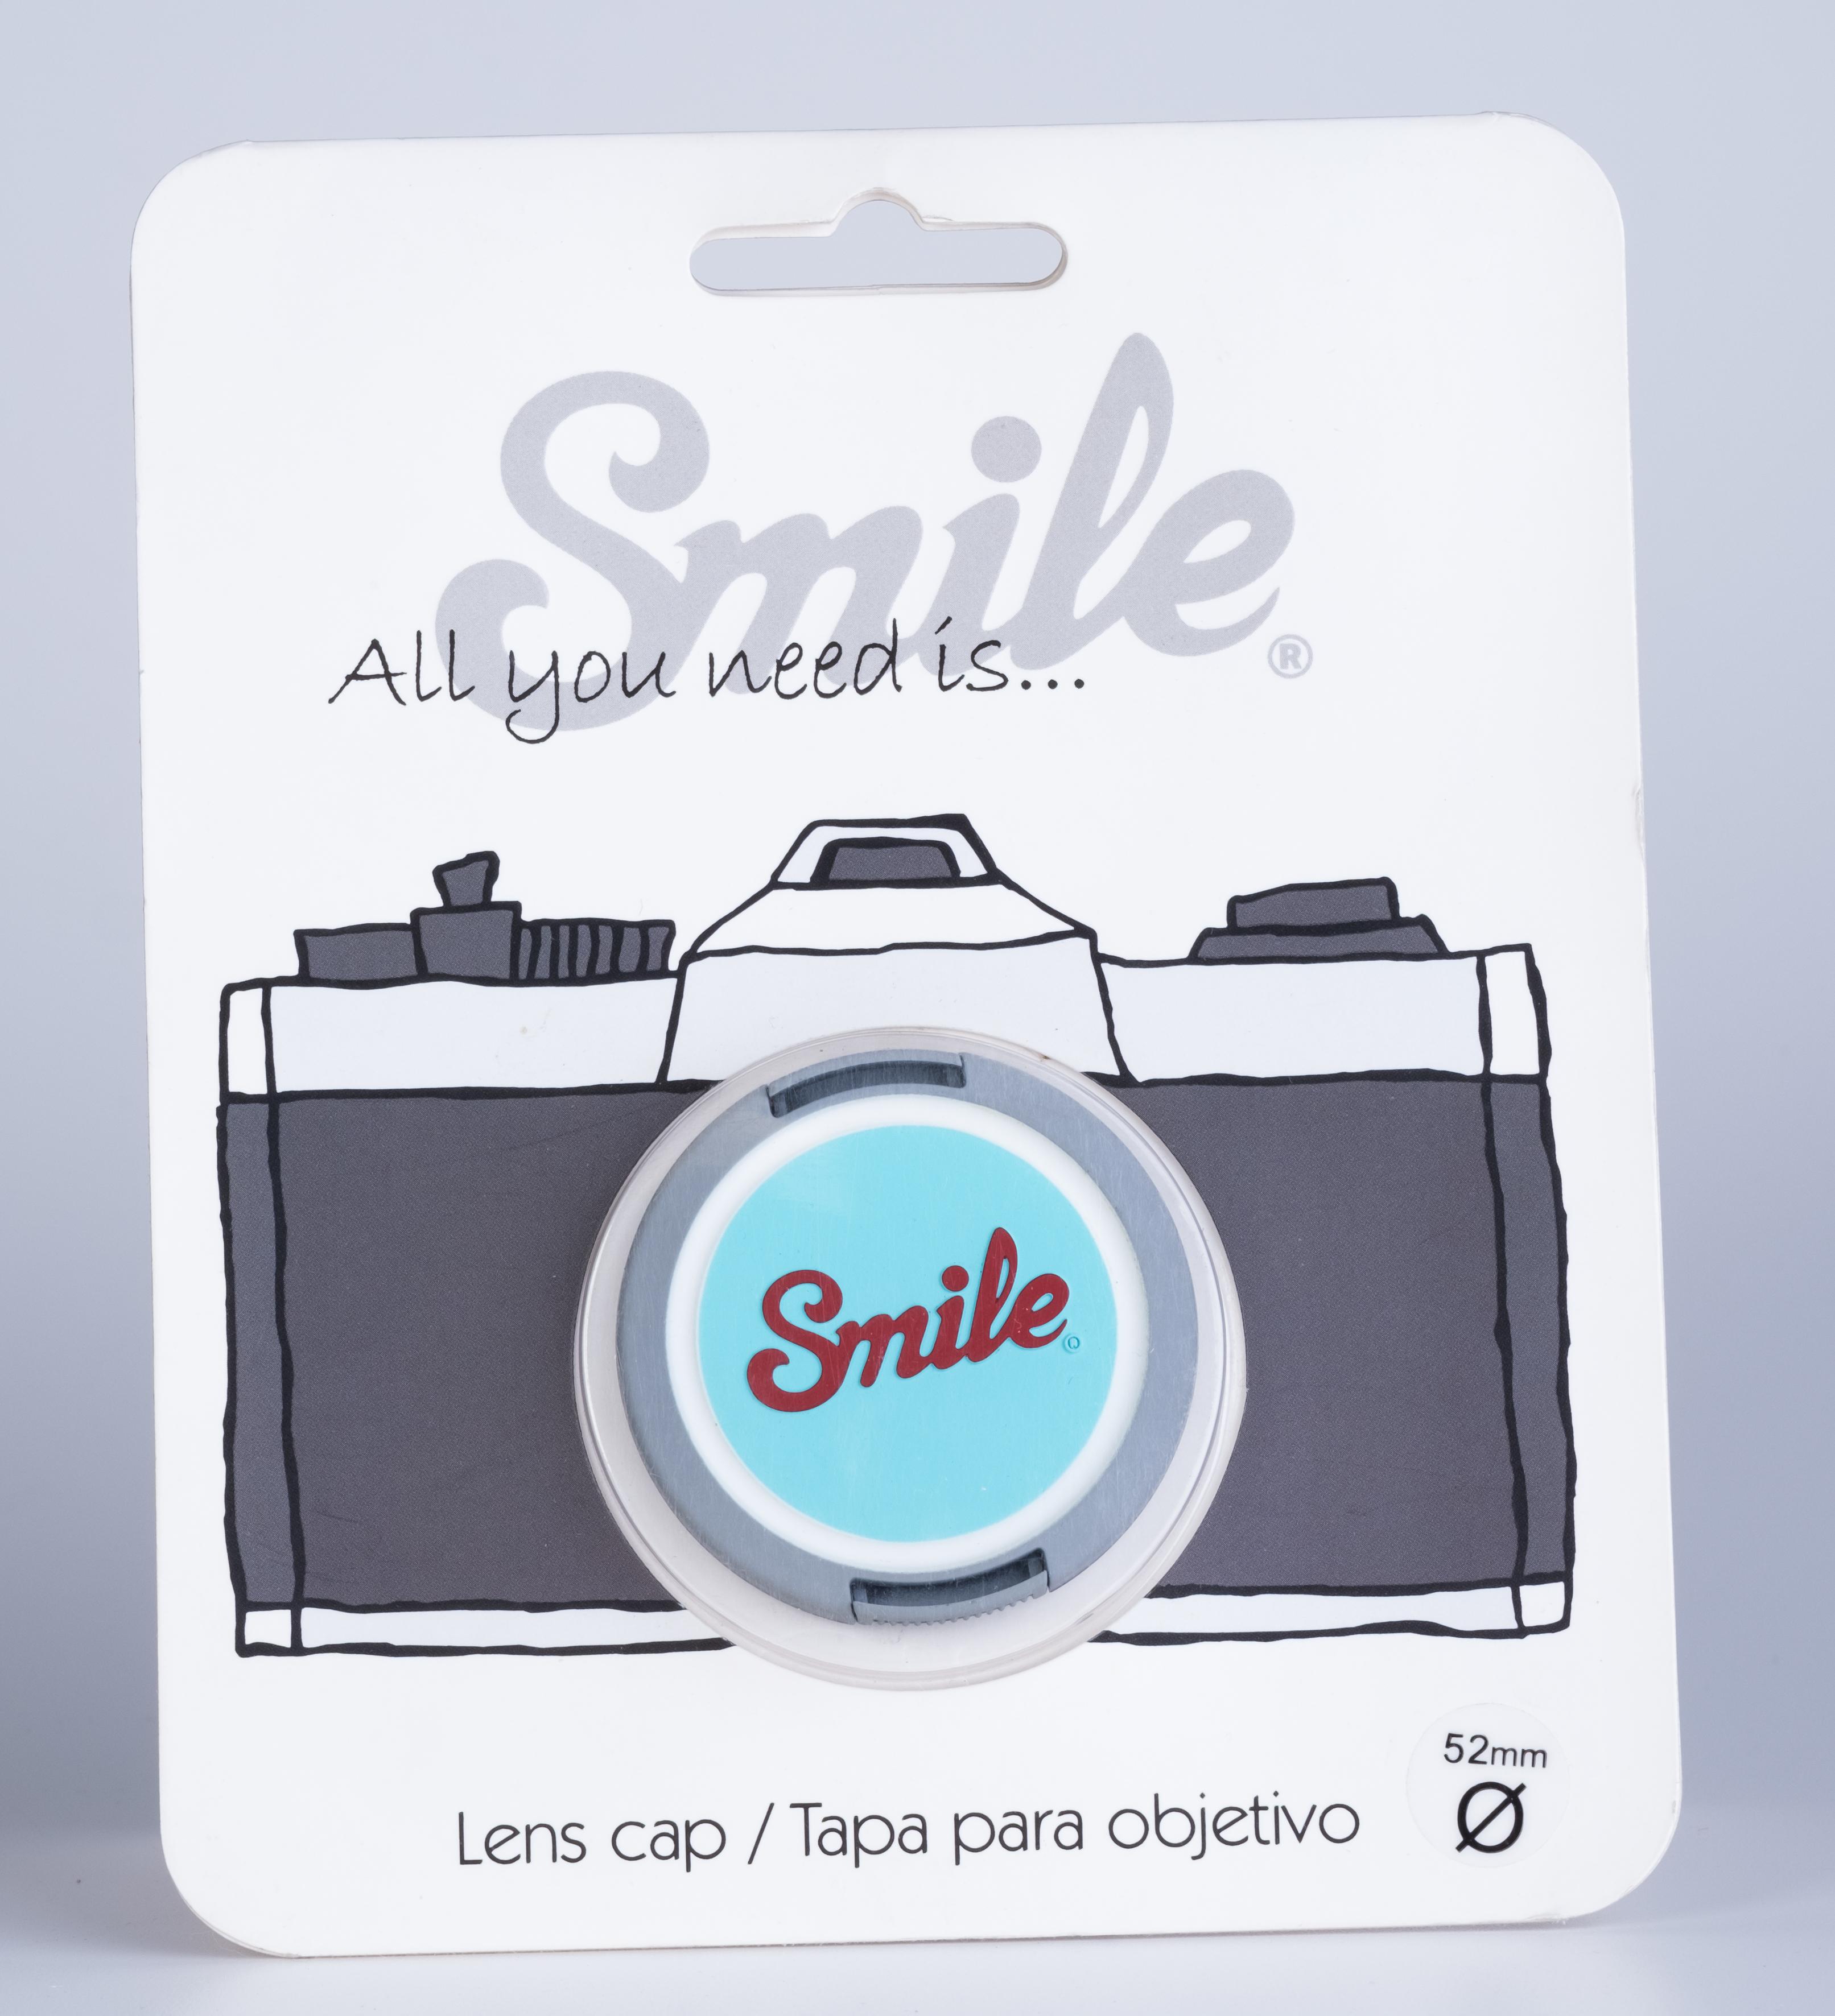 Smile Lens Cap